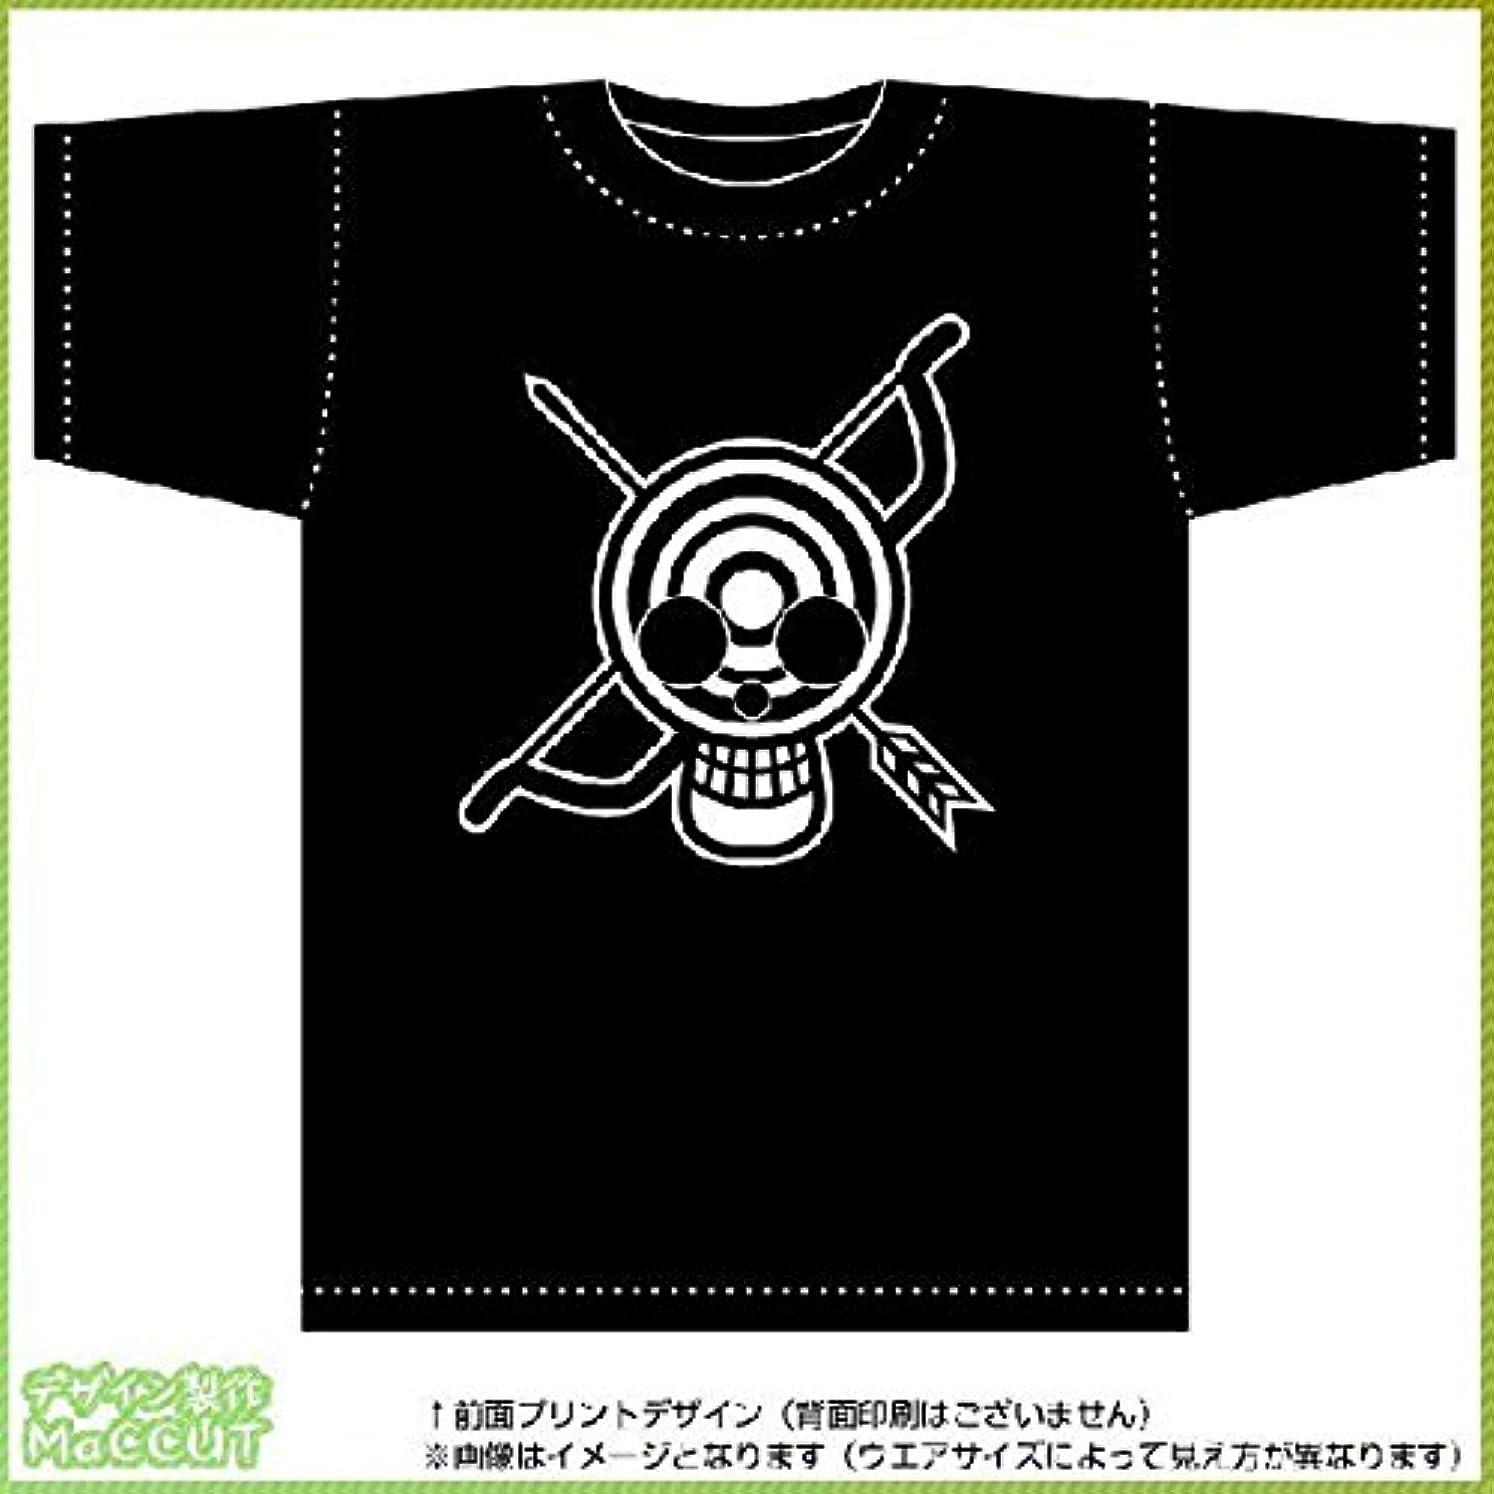 マオリぶどう焦がす海賊旗風Tシャツ 弓道(コットンT-shirt:ブラック) 大人気!スカルデザイン